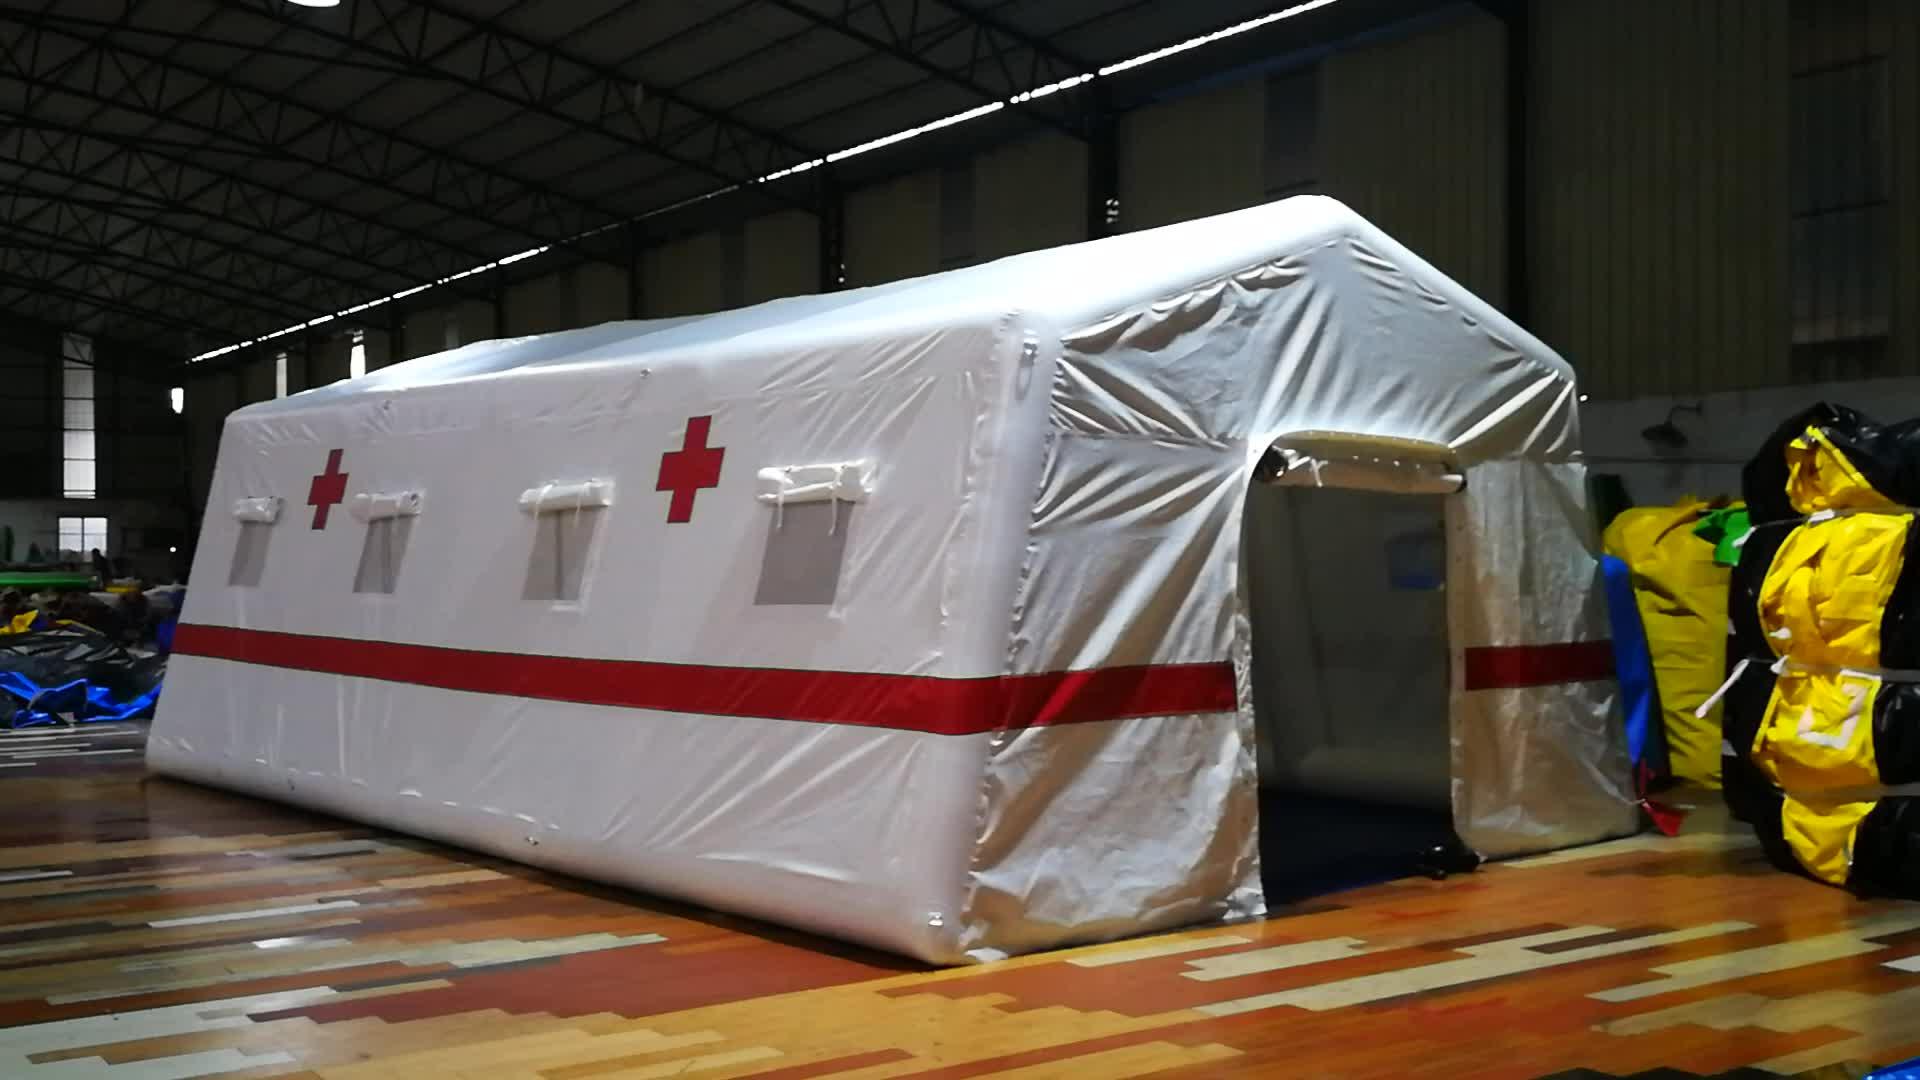 מותאם אישית מתנפח זמני חולים אוהל עבור חיצוני חירום